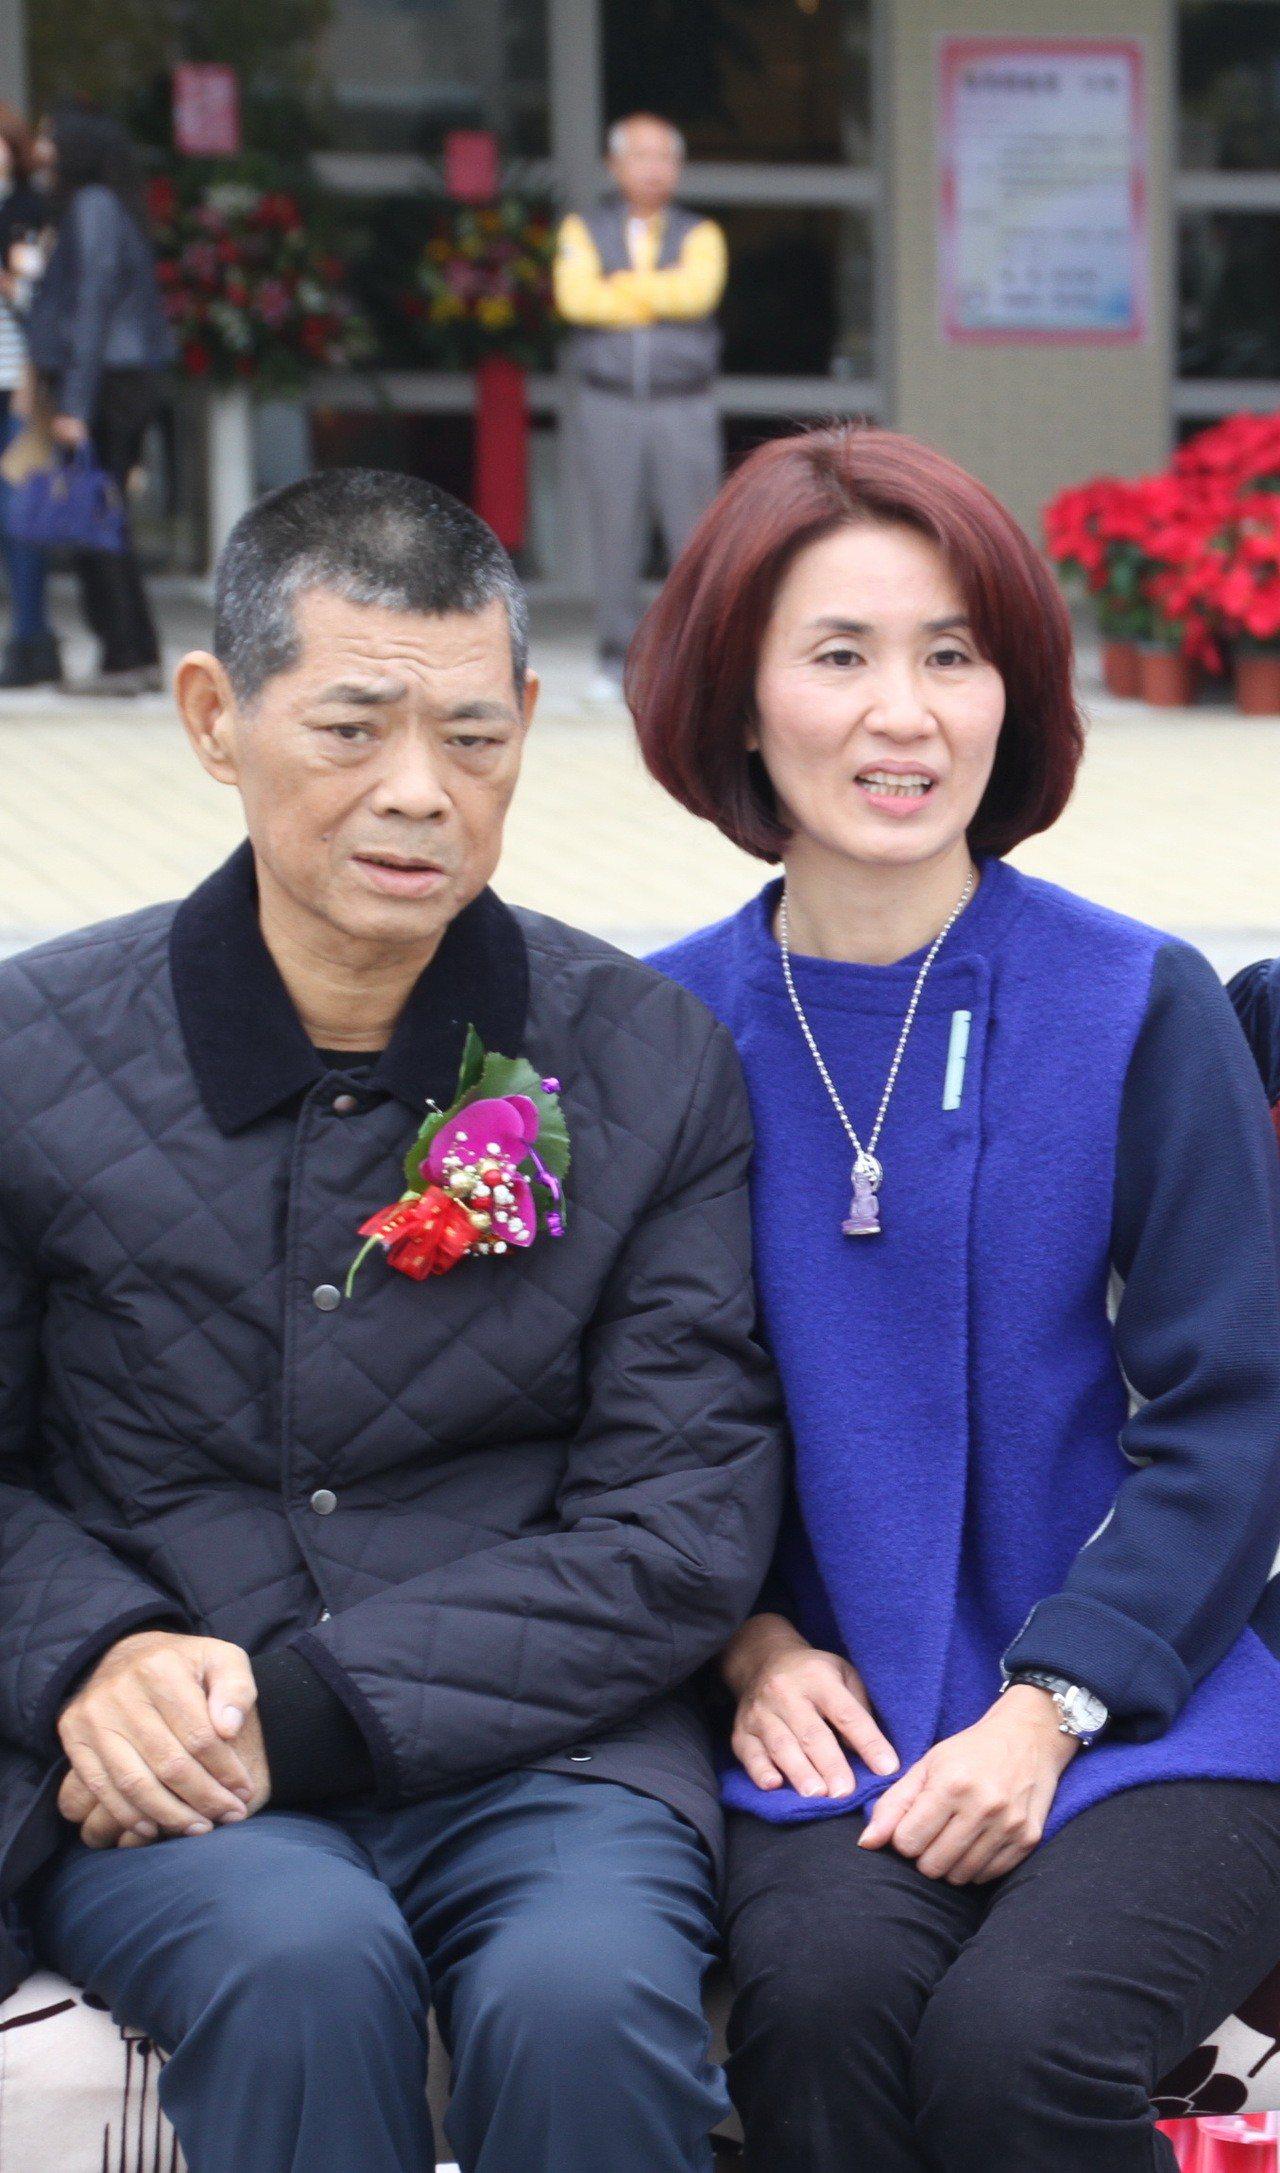 苗栗縣議長游忠鈿(左)的妻子張淑芬(右)已登記角逐下屆縣議員。報系資料照片